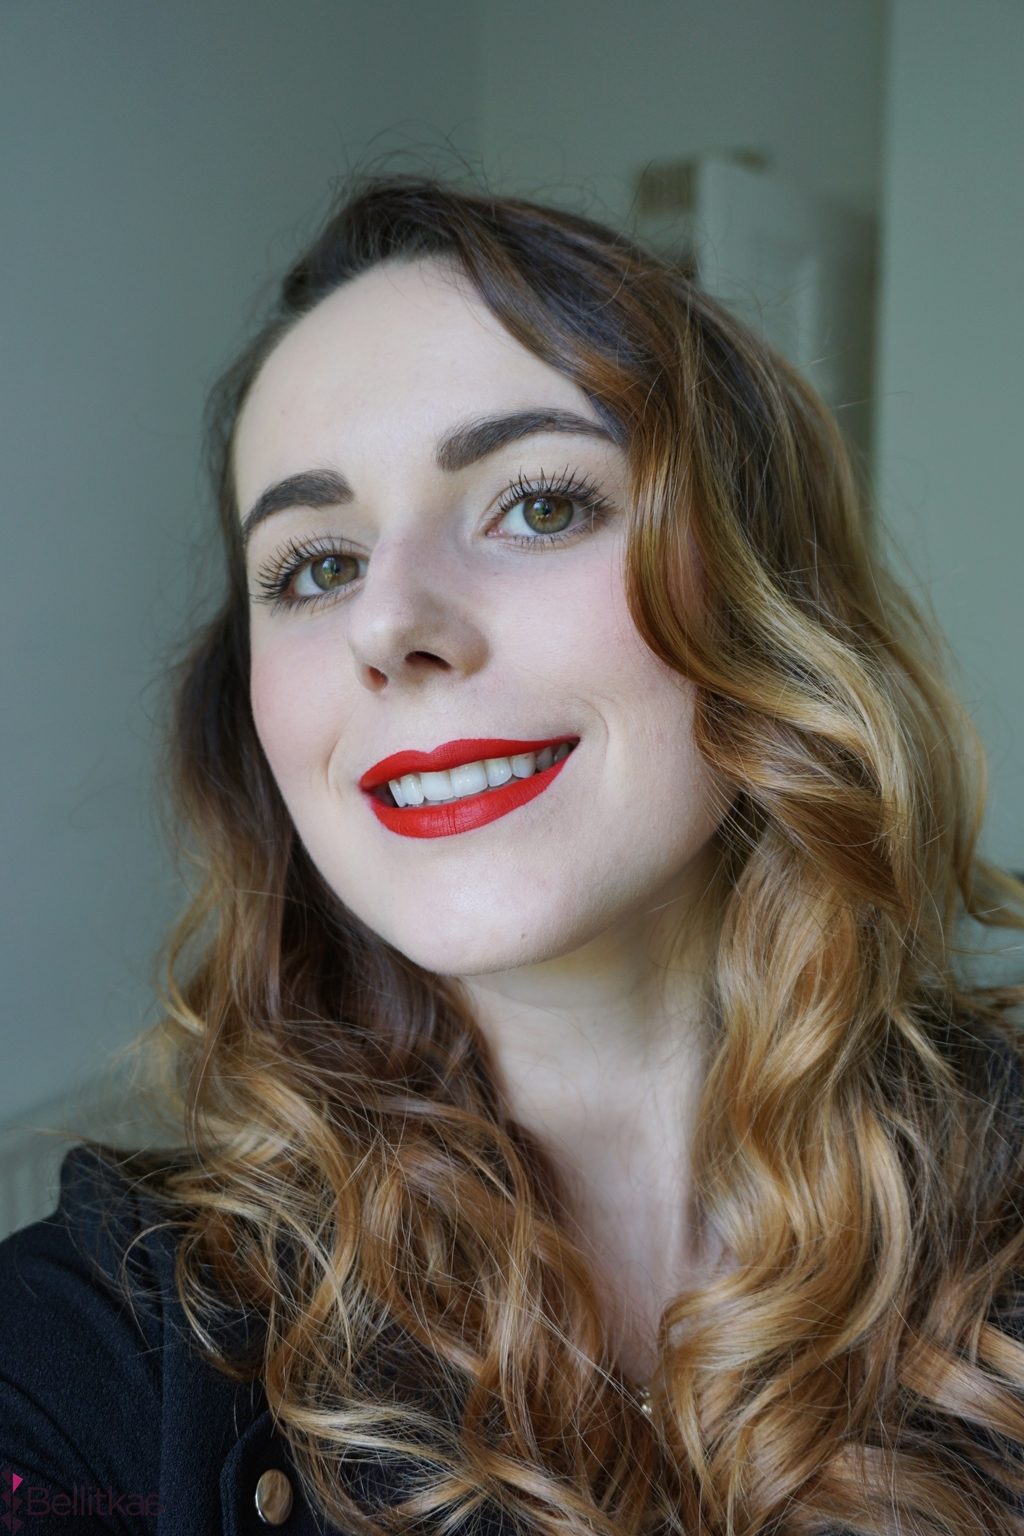 dziewczyna w klasycznym makijazu z czerwona szminka